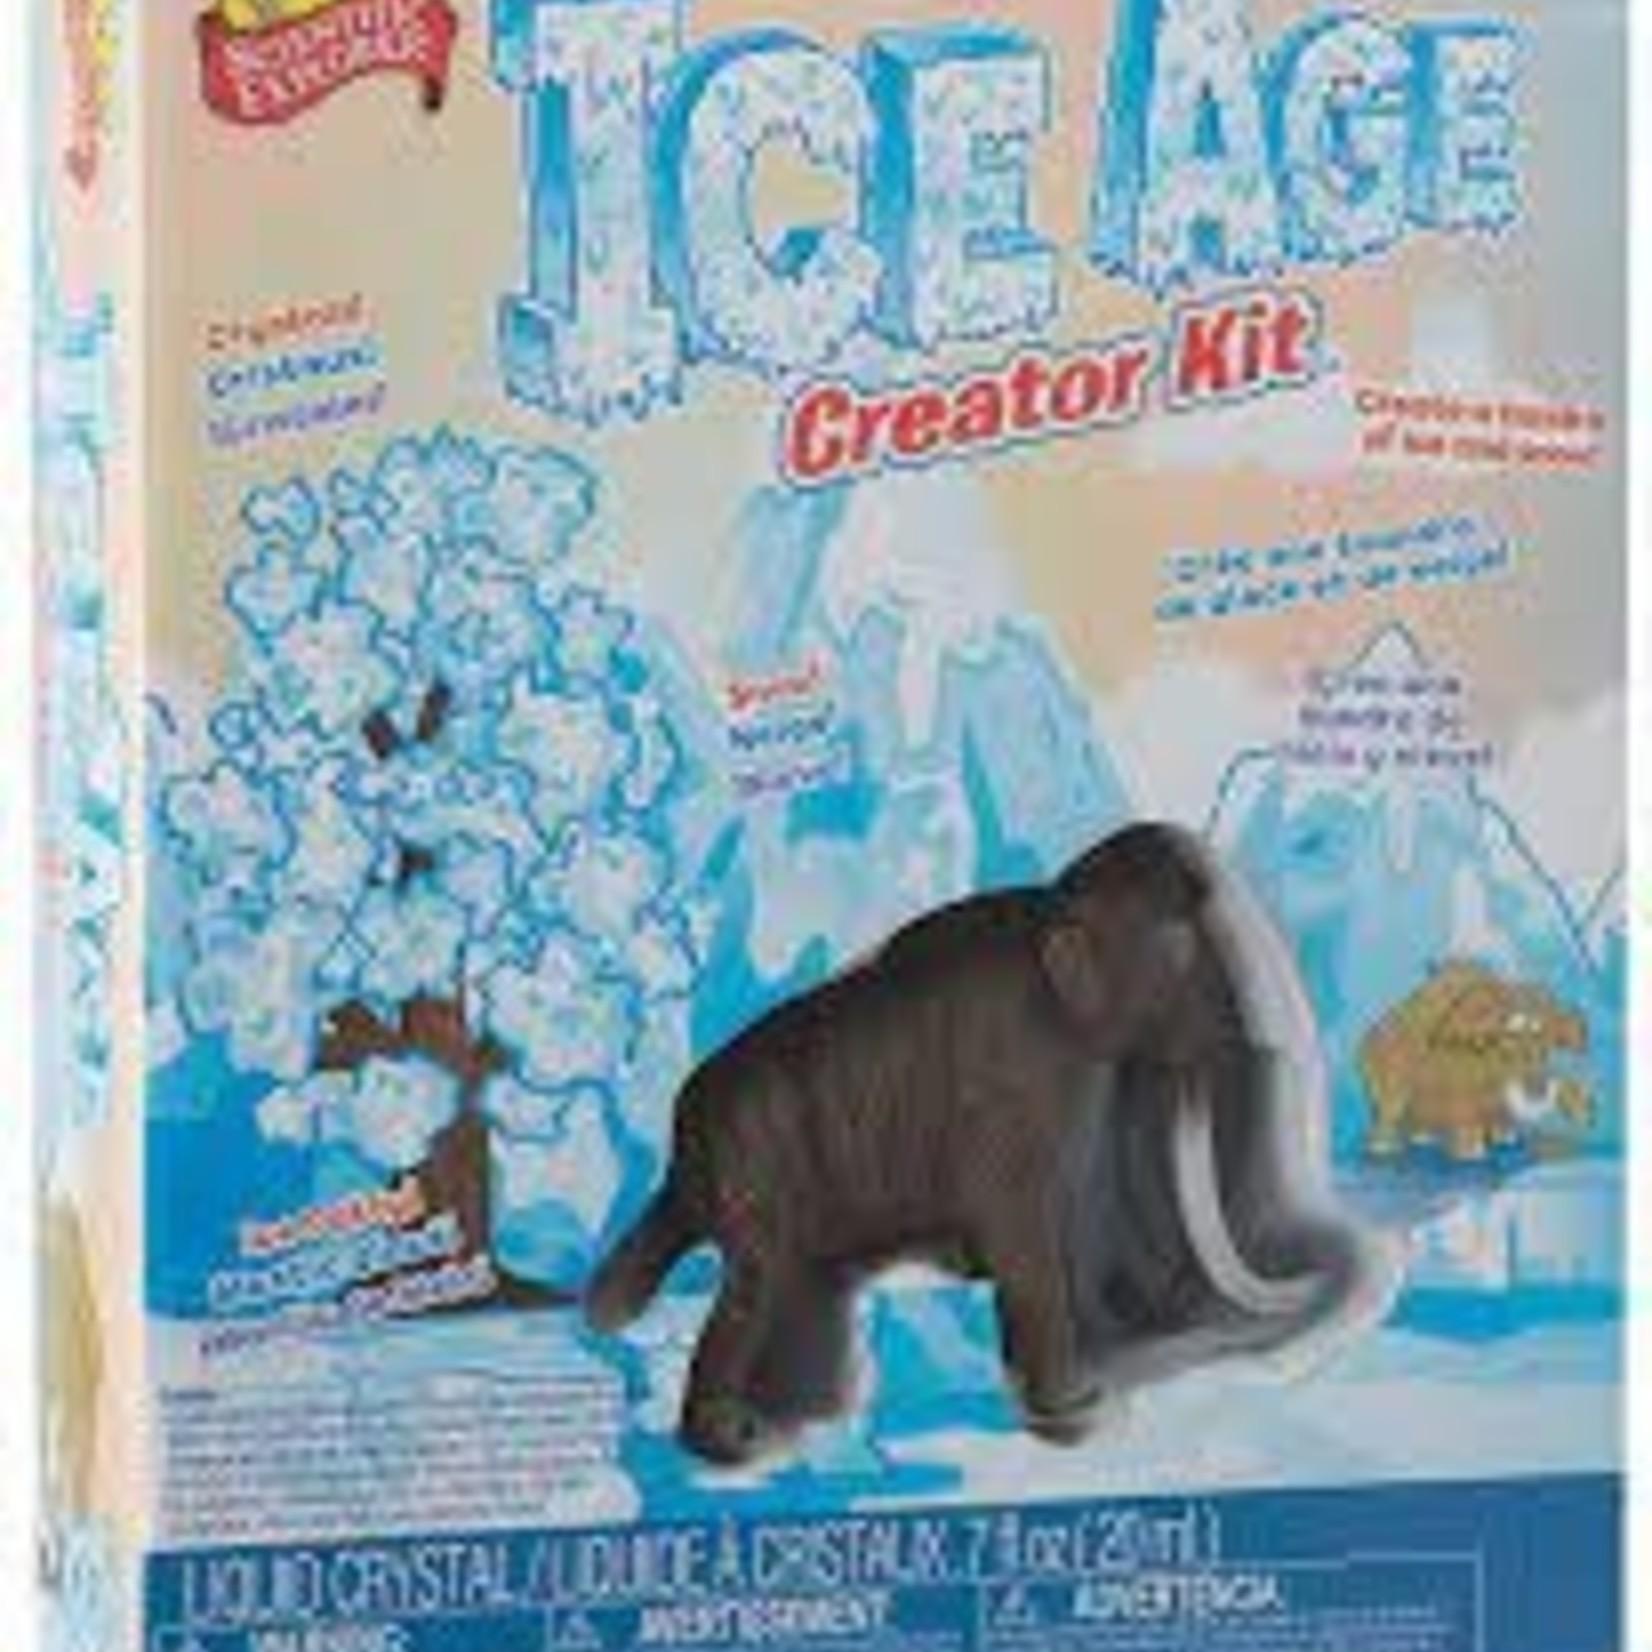 Ice Age Creator Kit Scientific Explorer